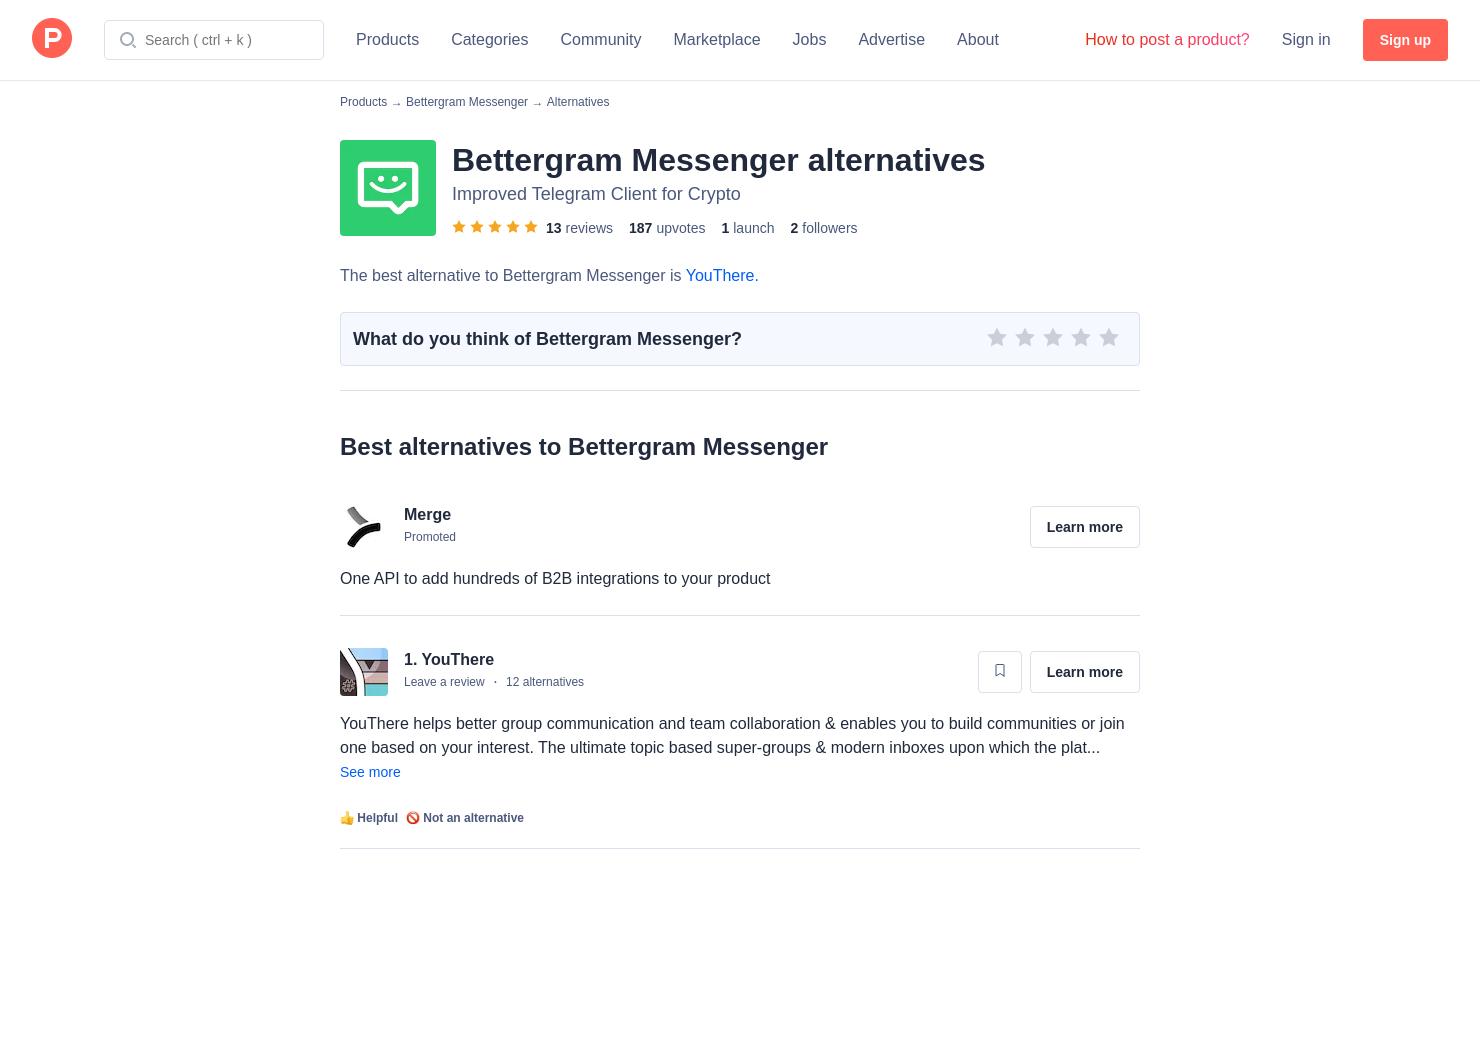 6 Alternatives to Bettergram Messenger | Product Hunt